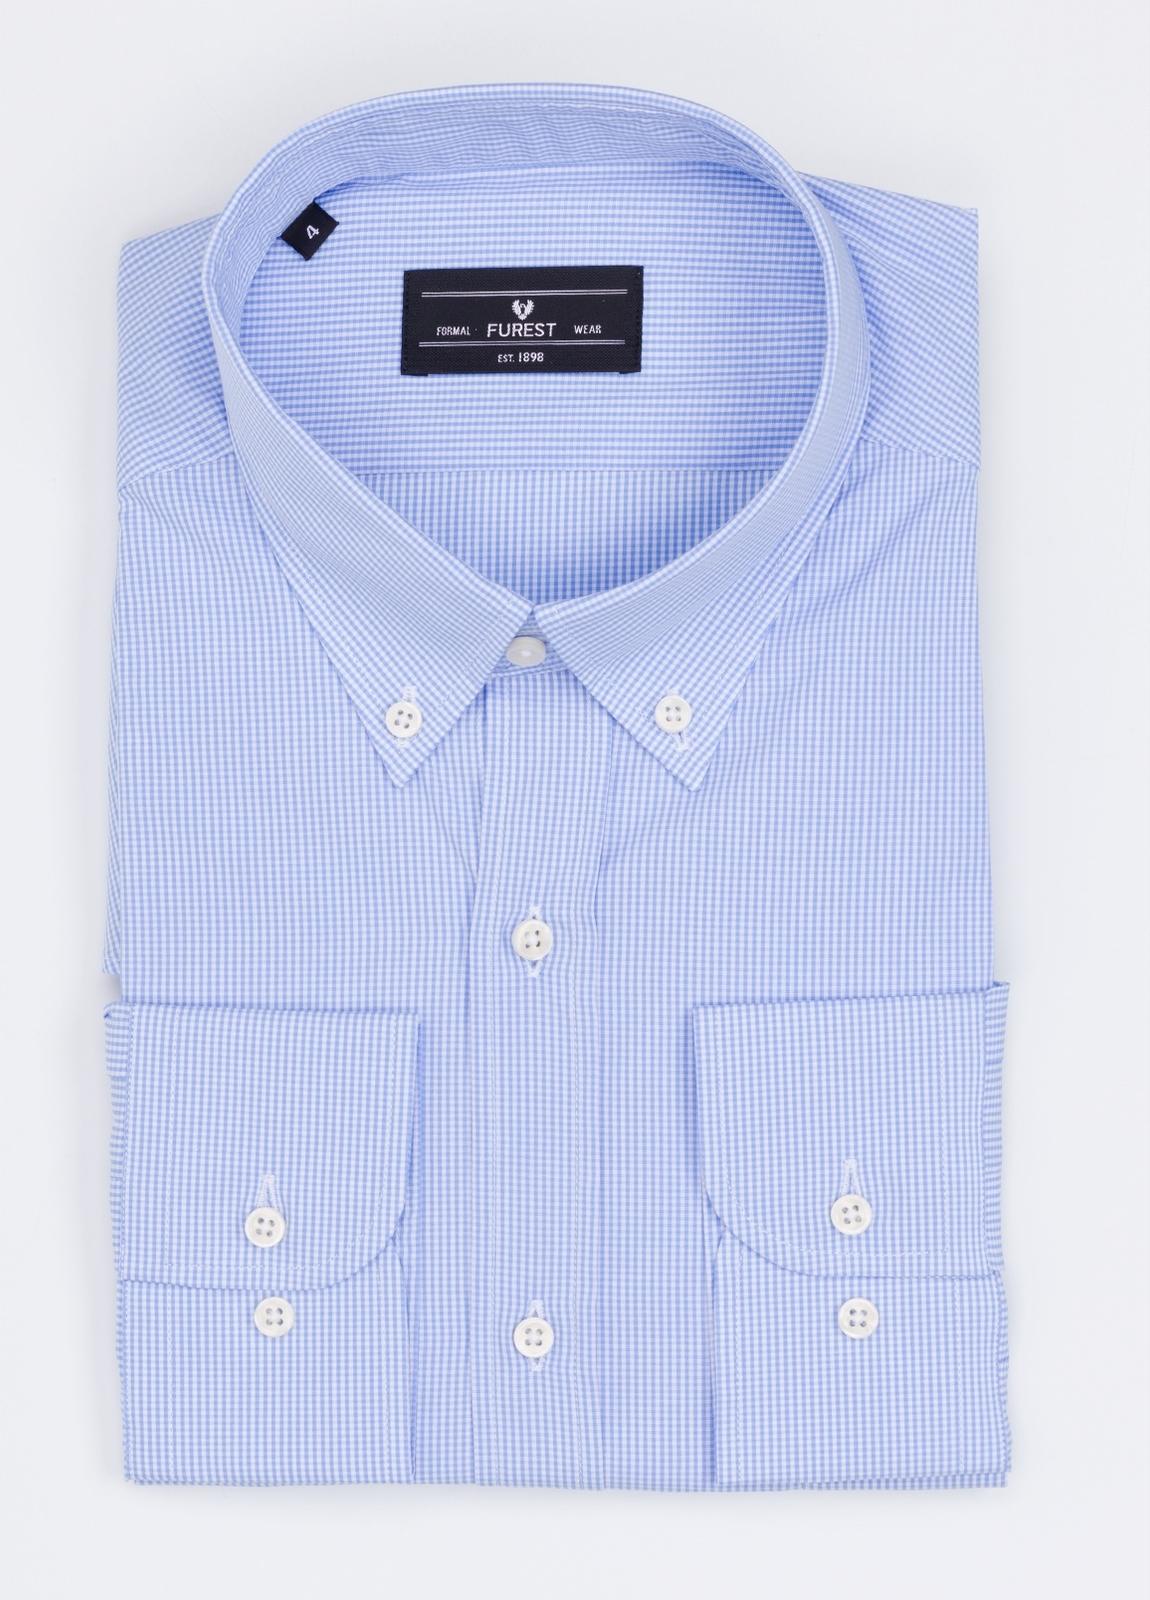 Camisa Formal Wear REGULAR FIT modelo BOTTON DOWN cuadrito vichy, color azul. 100% Algodón.